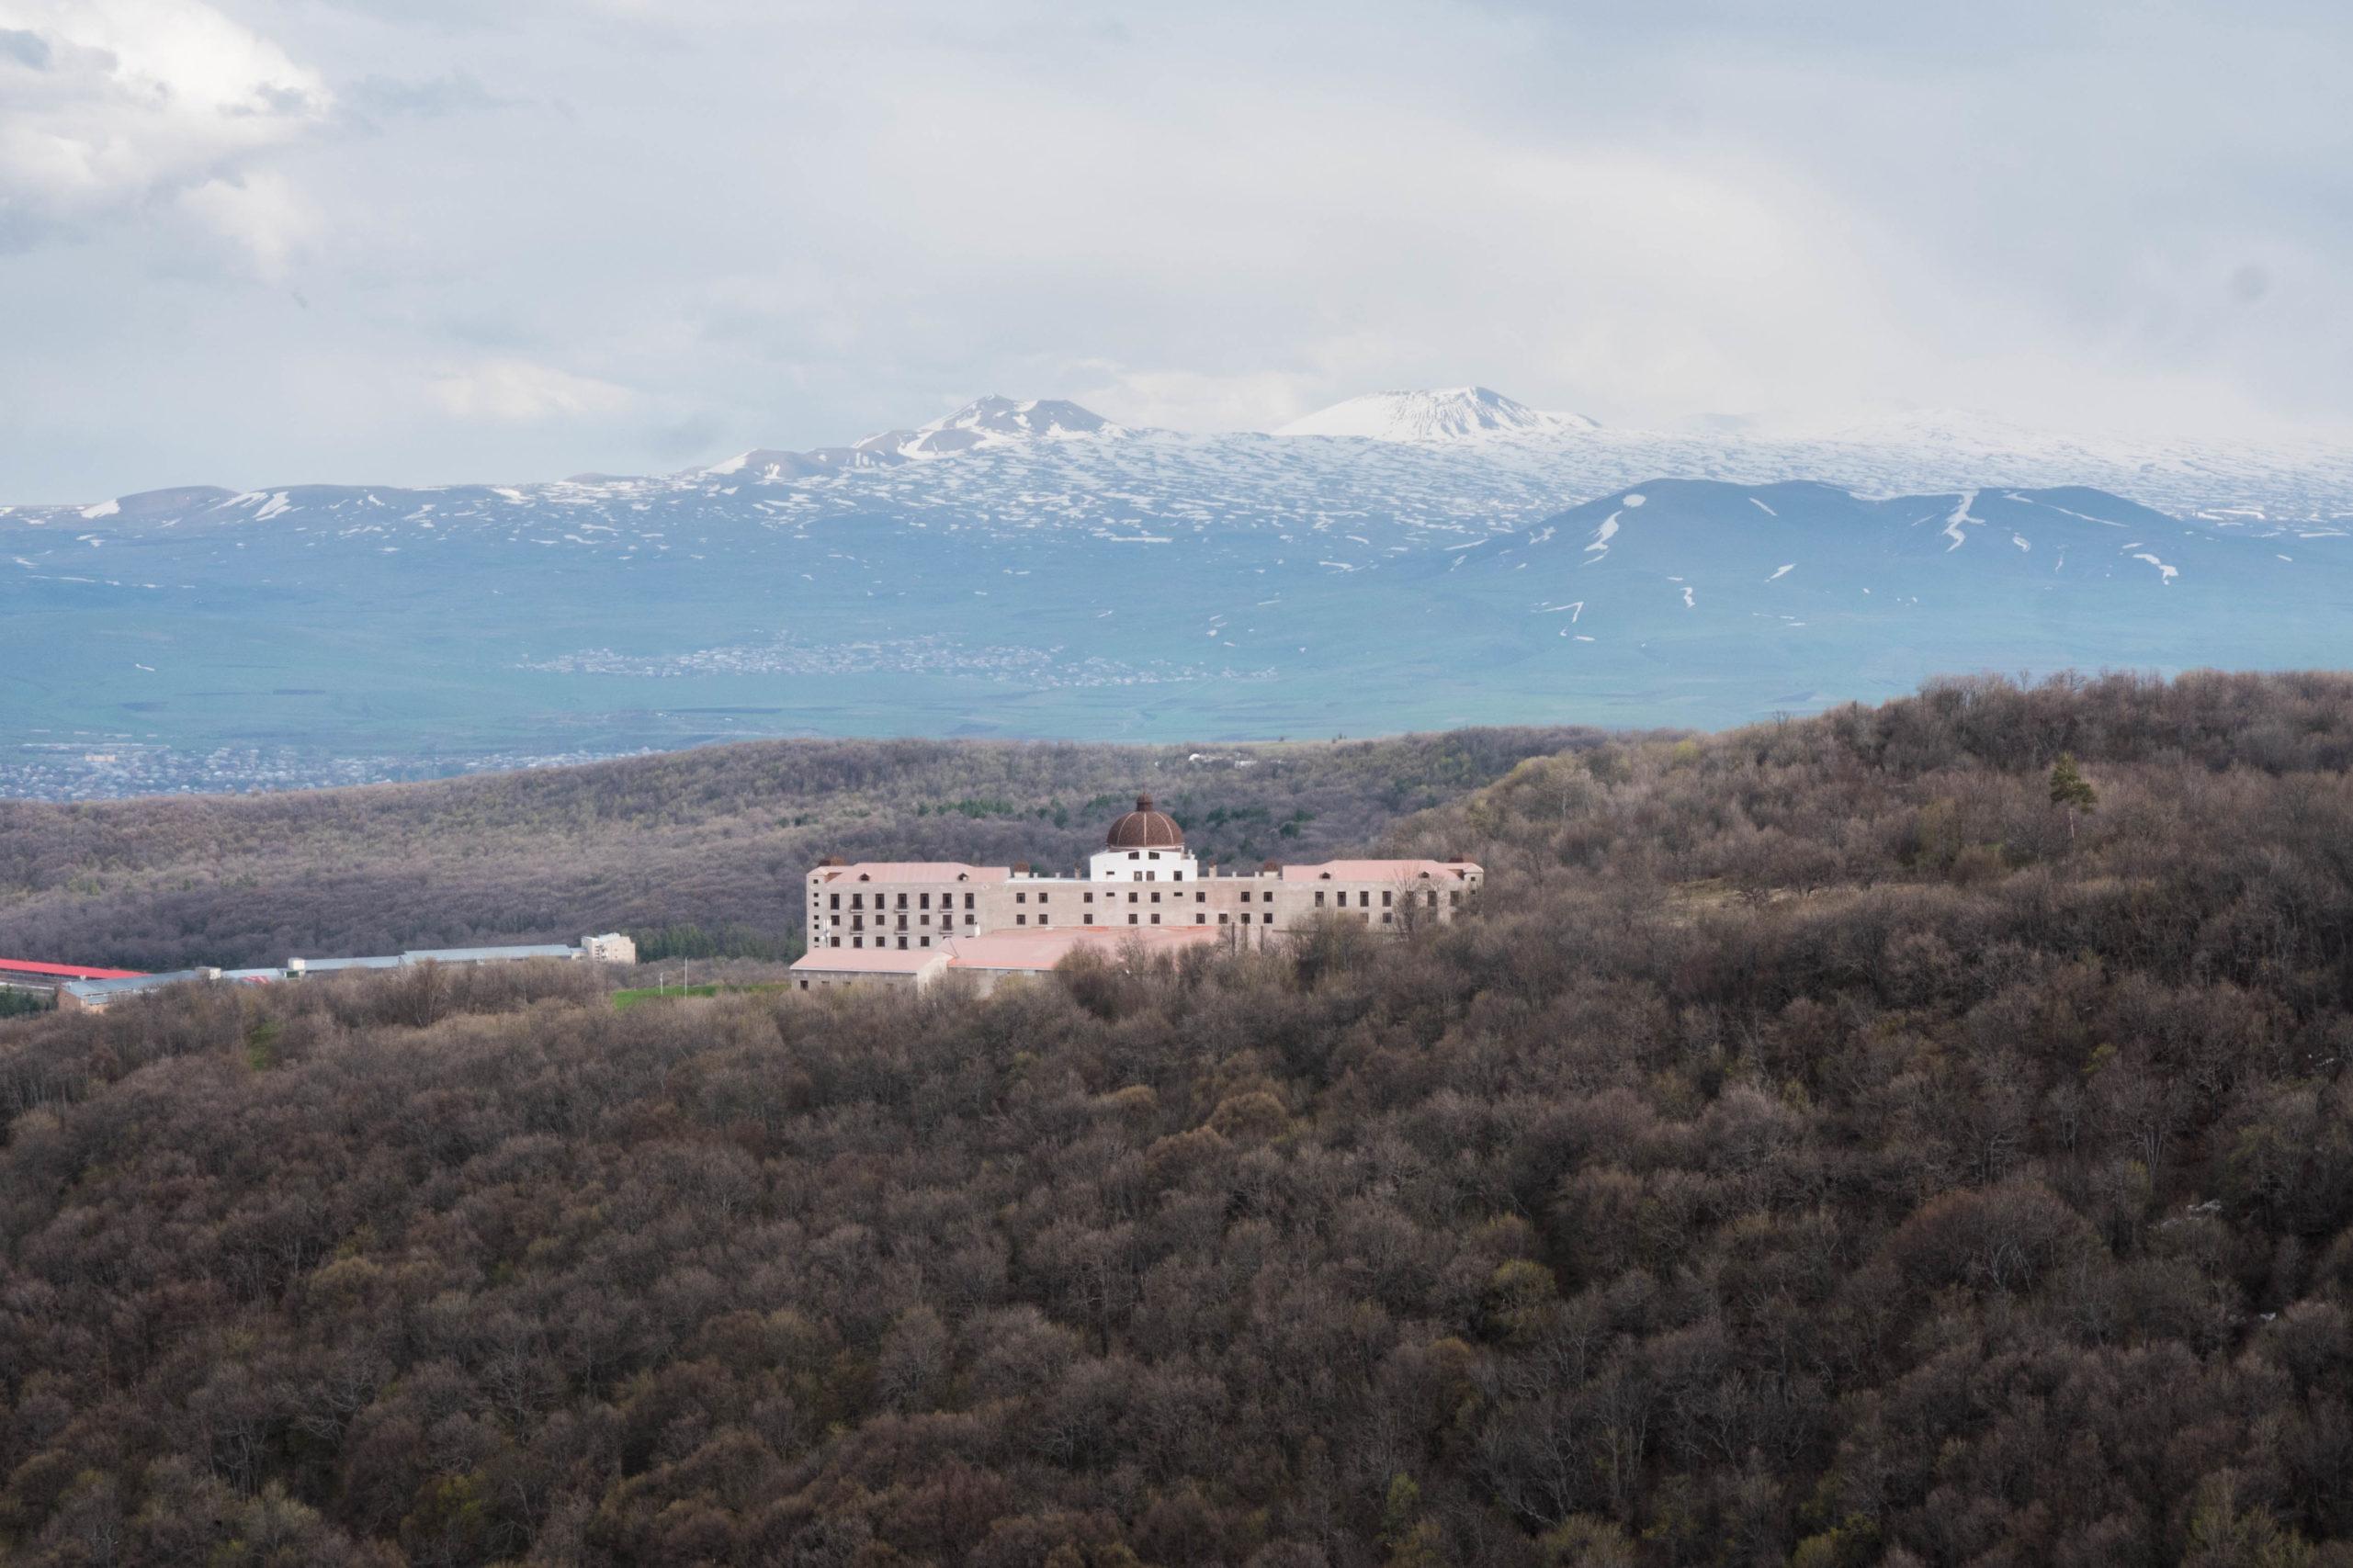 Der Letzte Oligarch Reporterreisen Armenien Der Zeitenspiegel Reportageschule Der Volkshochschule Reutlingen